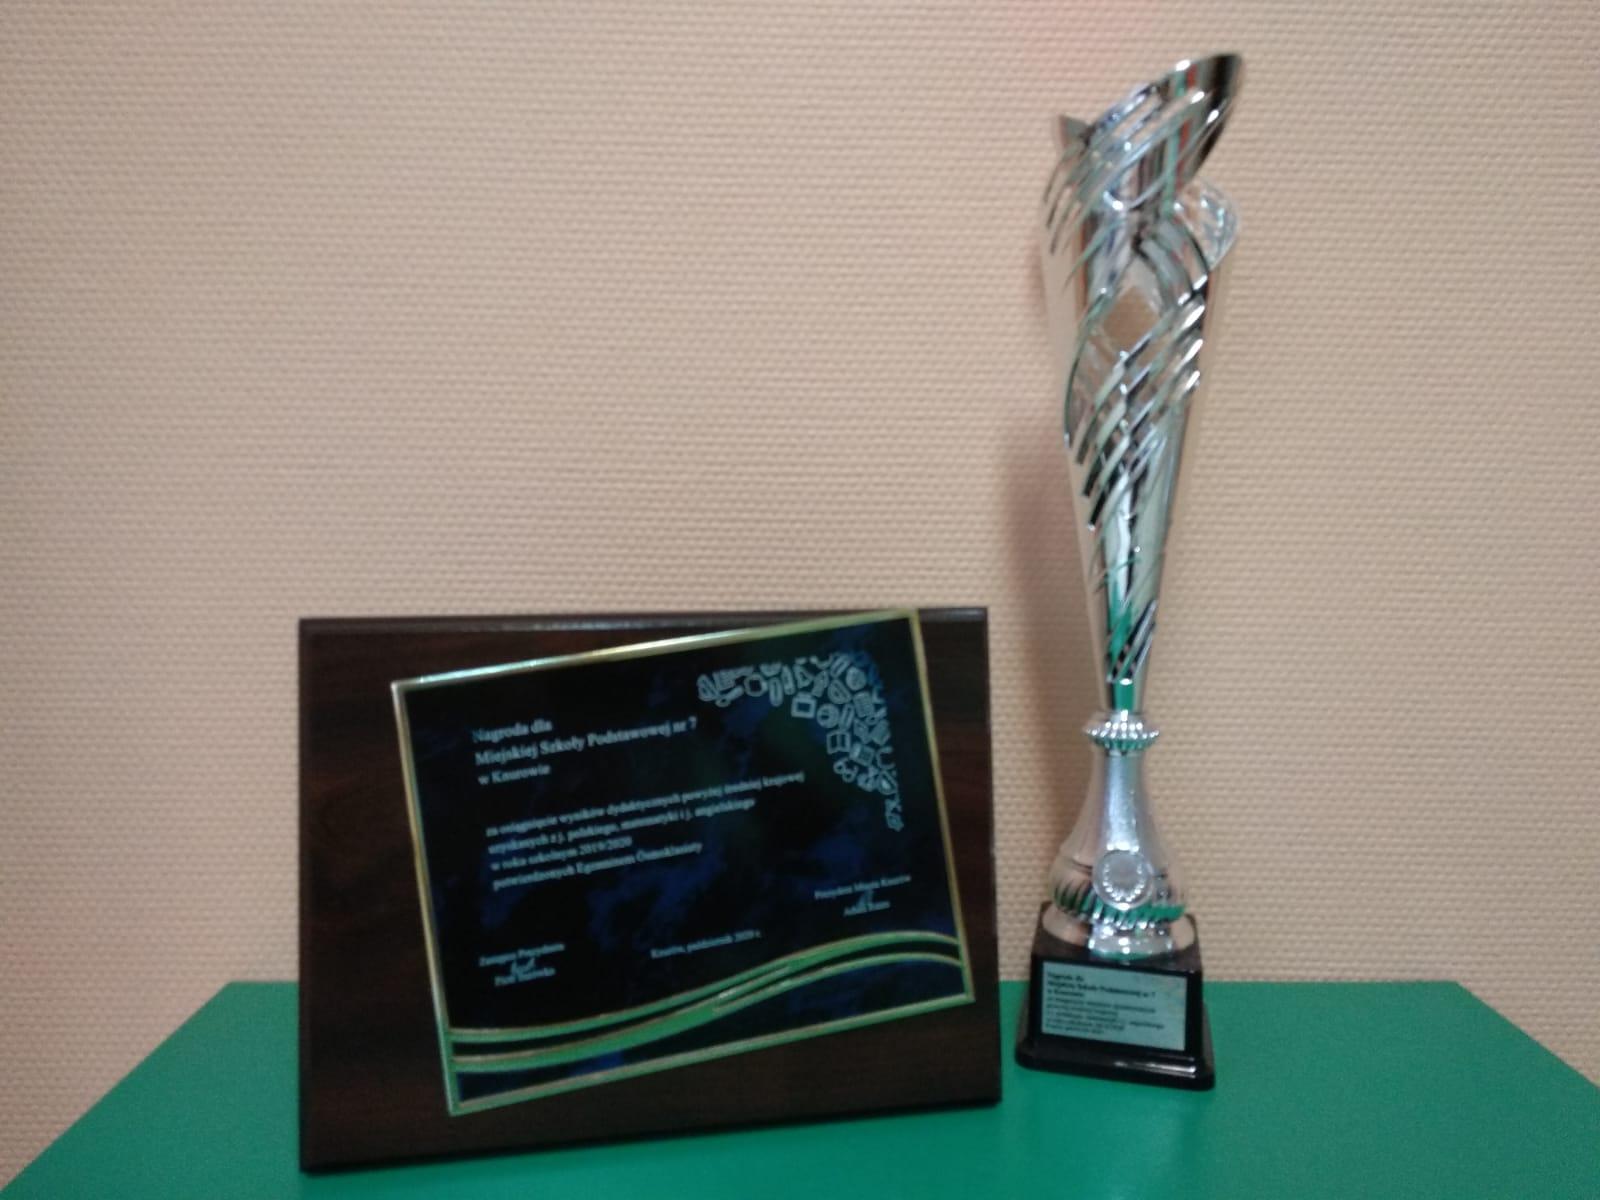 Nagroda dla Miejskiej Szkoly Podstawowej nr 7 w Knurowie